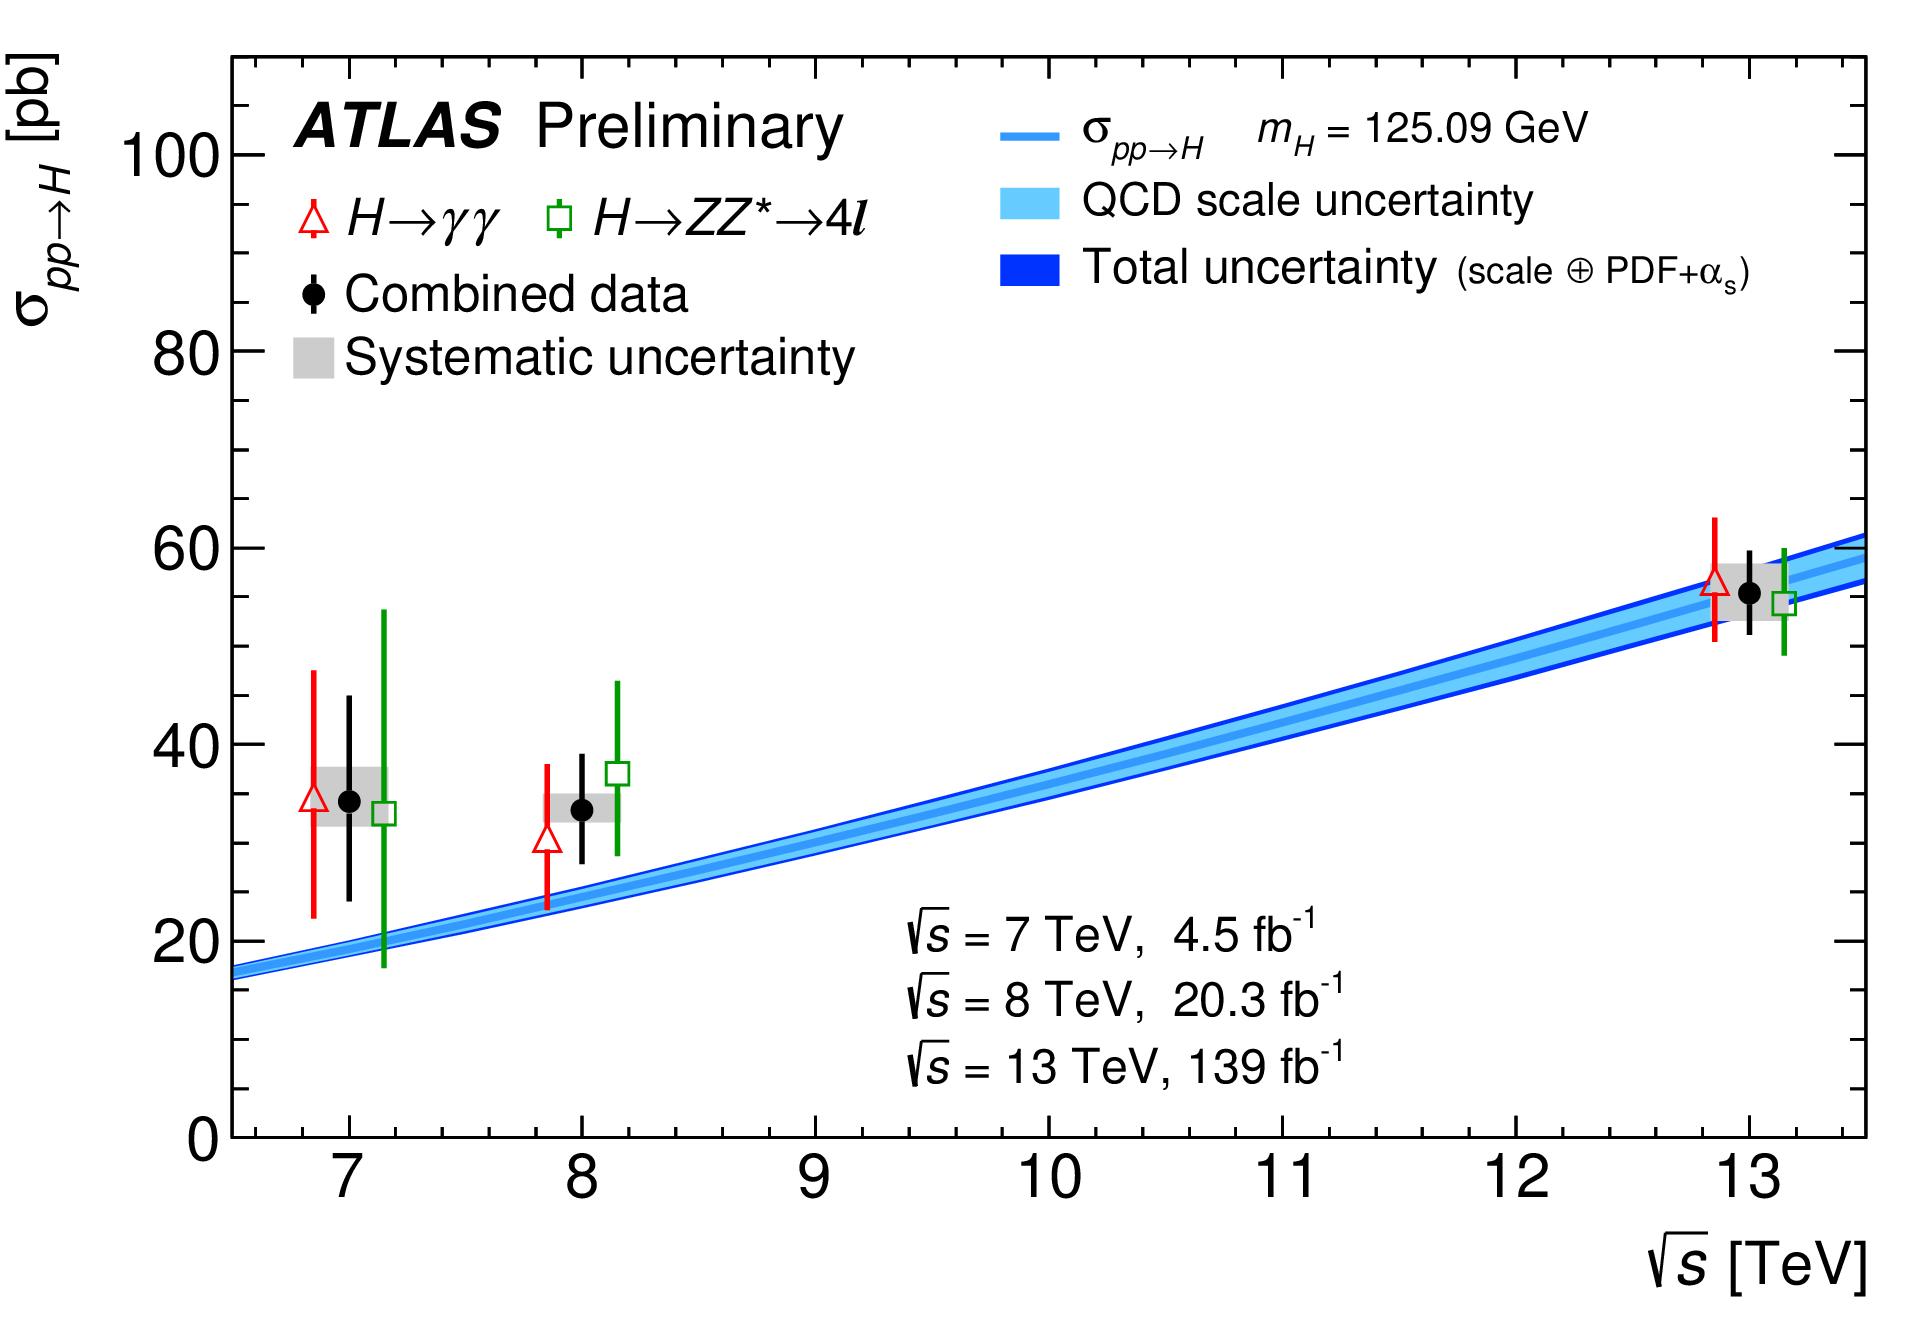 https://atlas.web.cern.ch/Atlas/GROUPS/PHYSICS/CombinedSummaryPlots/HIGGS/ATLAS_HIGGS3010_XSvsCME_Summary/ATLAS_HIGGS3010_XSvsCME_Summary.png